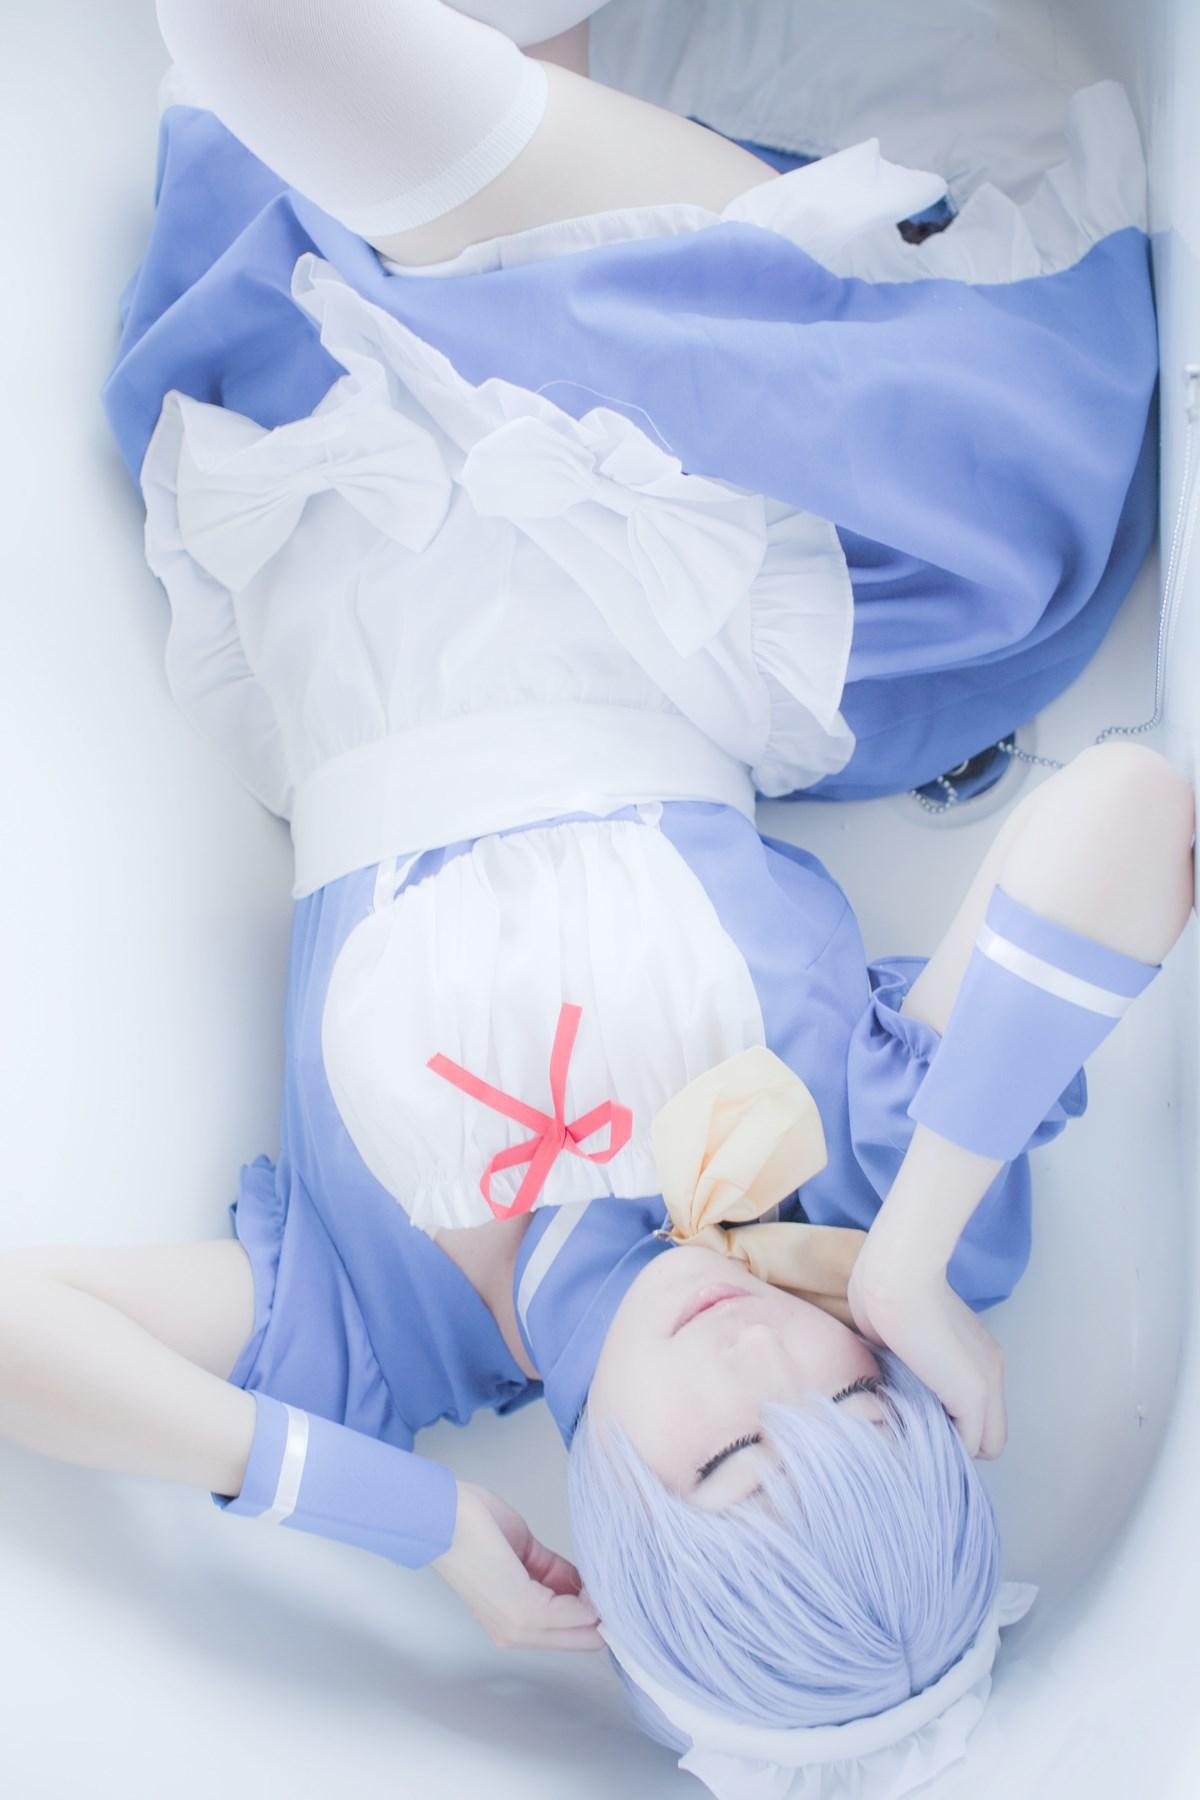 【兔玩映画】女仆女仆~! 兔玩映画 第5张